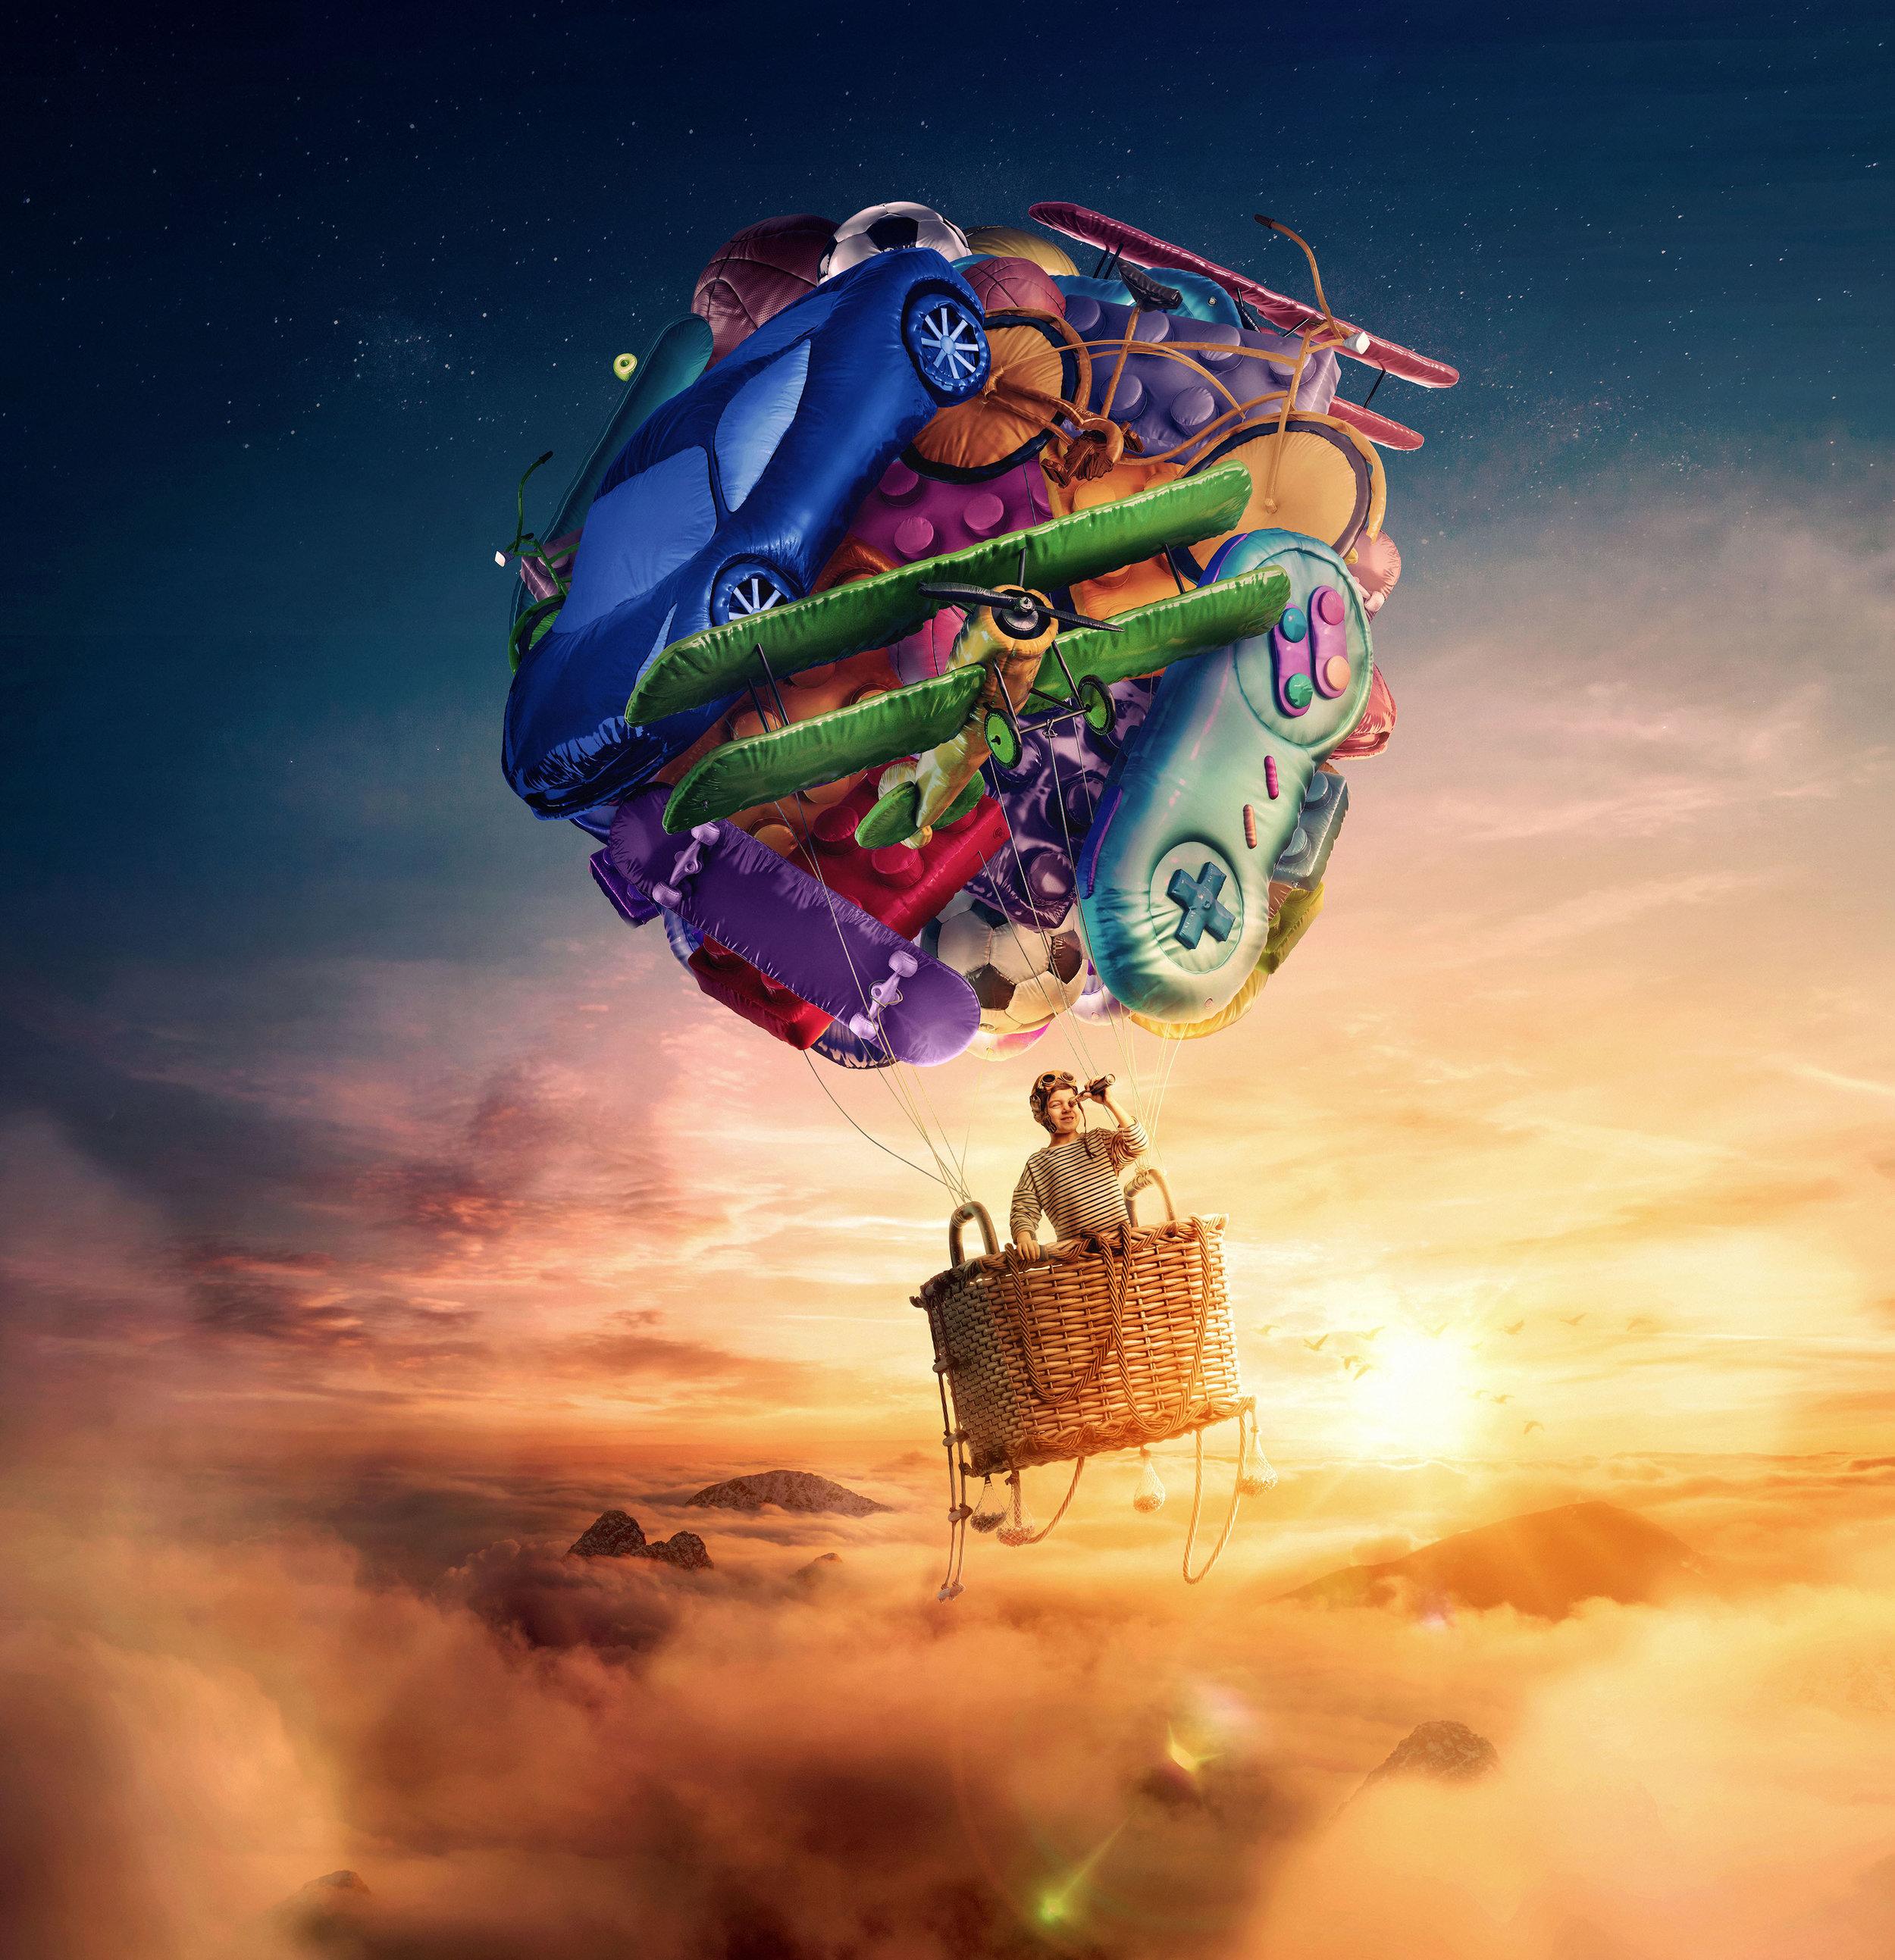 0618 BT balloonportfolioFINISHmatte01.jpg